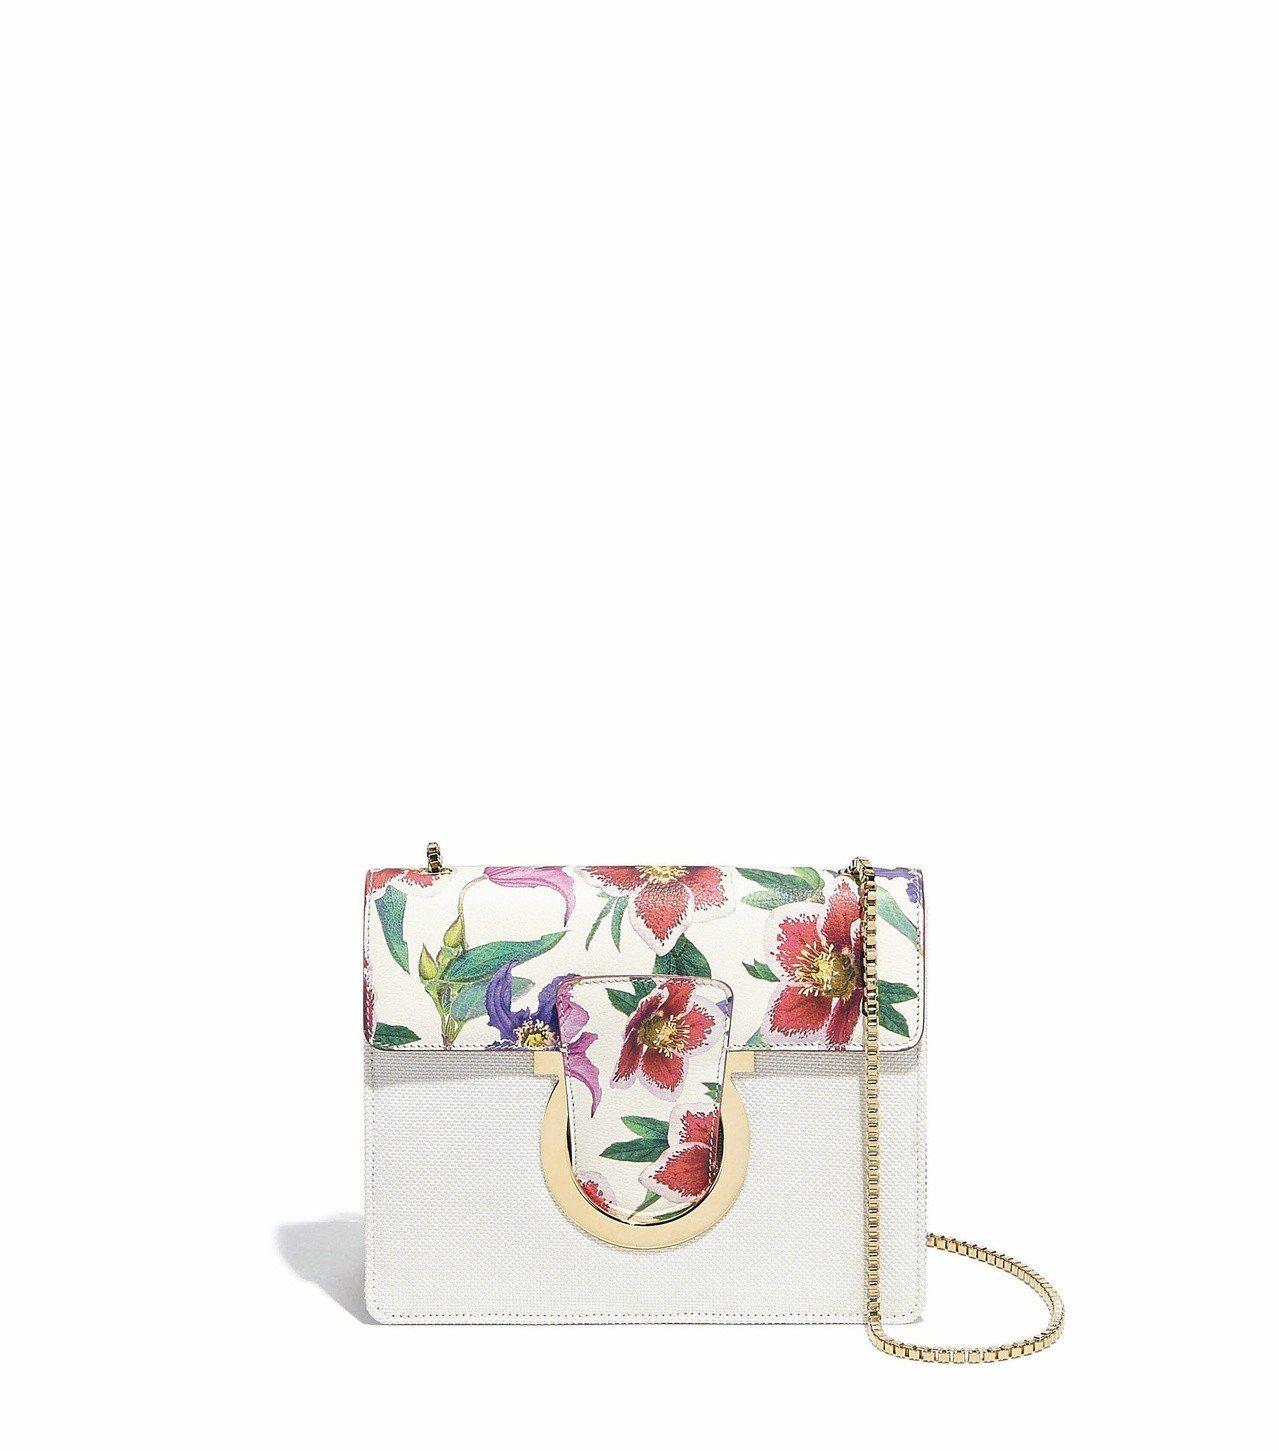 THALIA白色小牛皮花卉圖案鍊帶包,45,900元。圖/Ferragamo提供